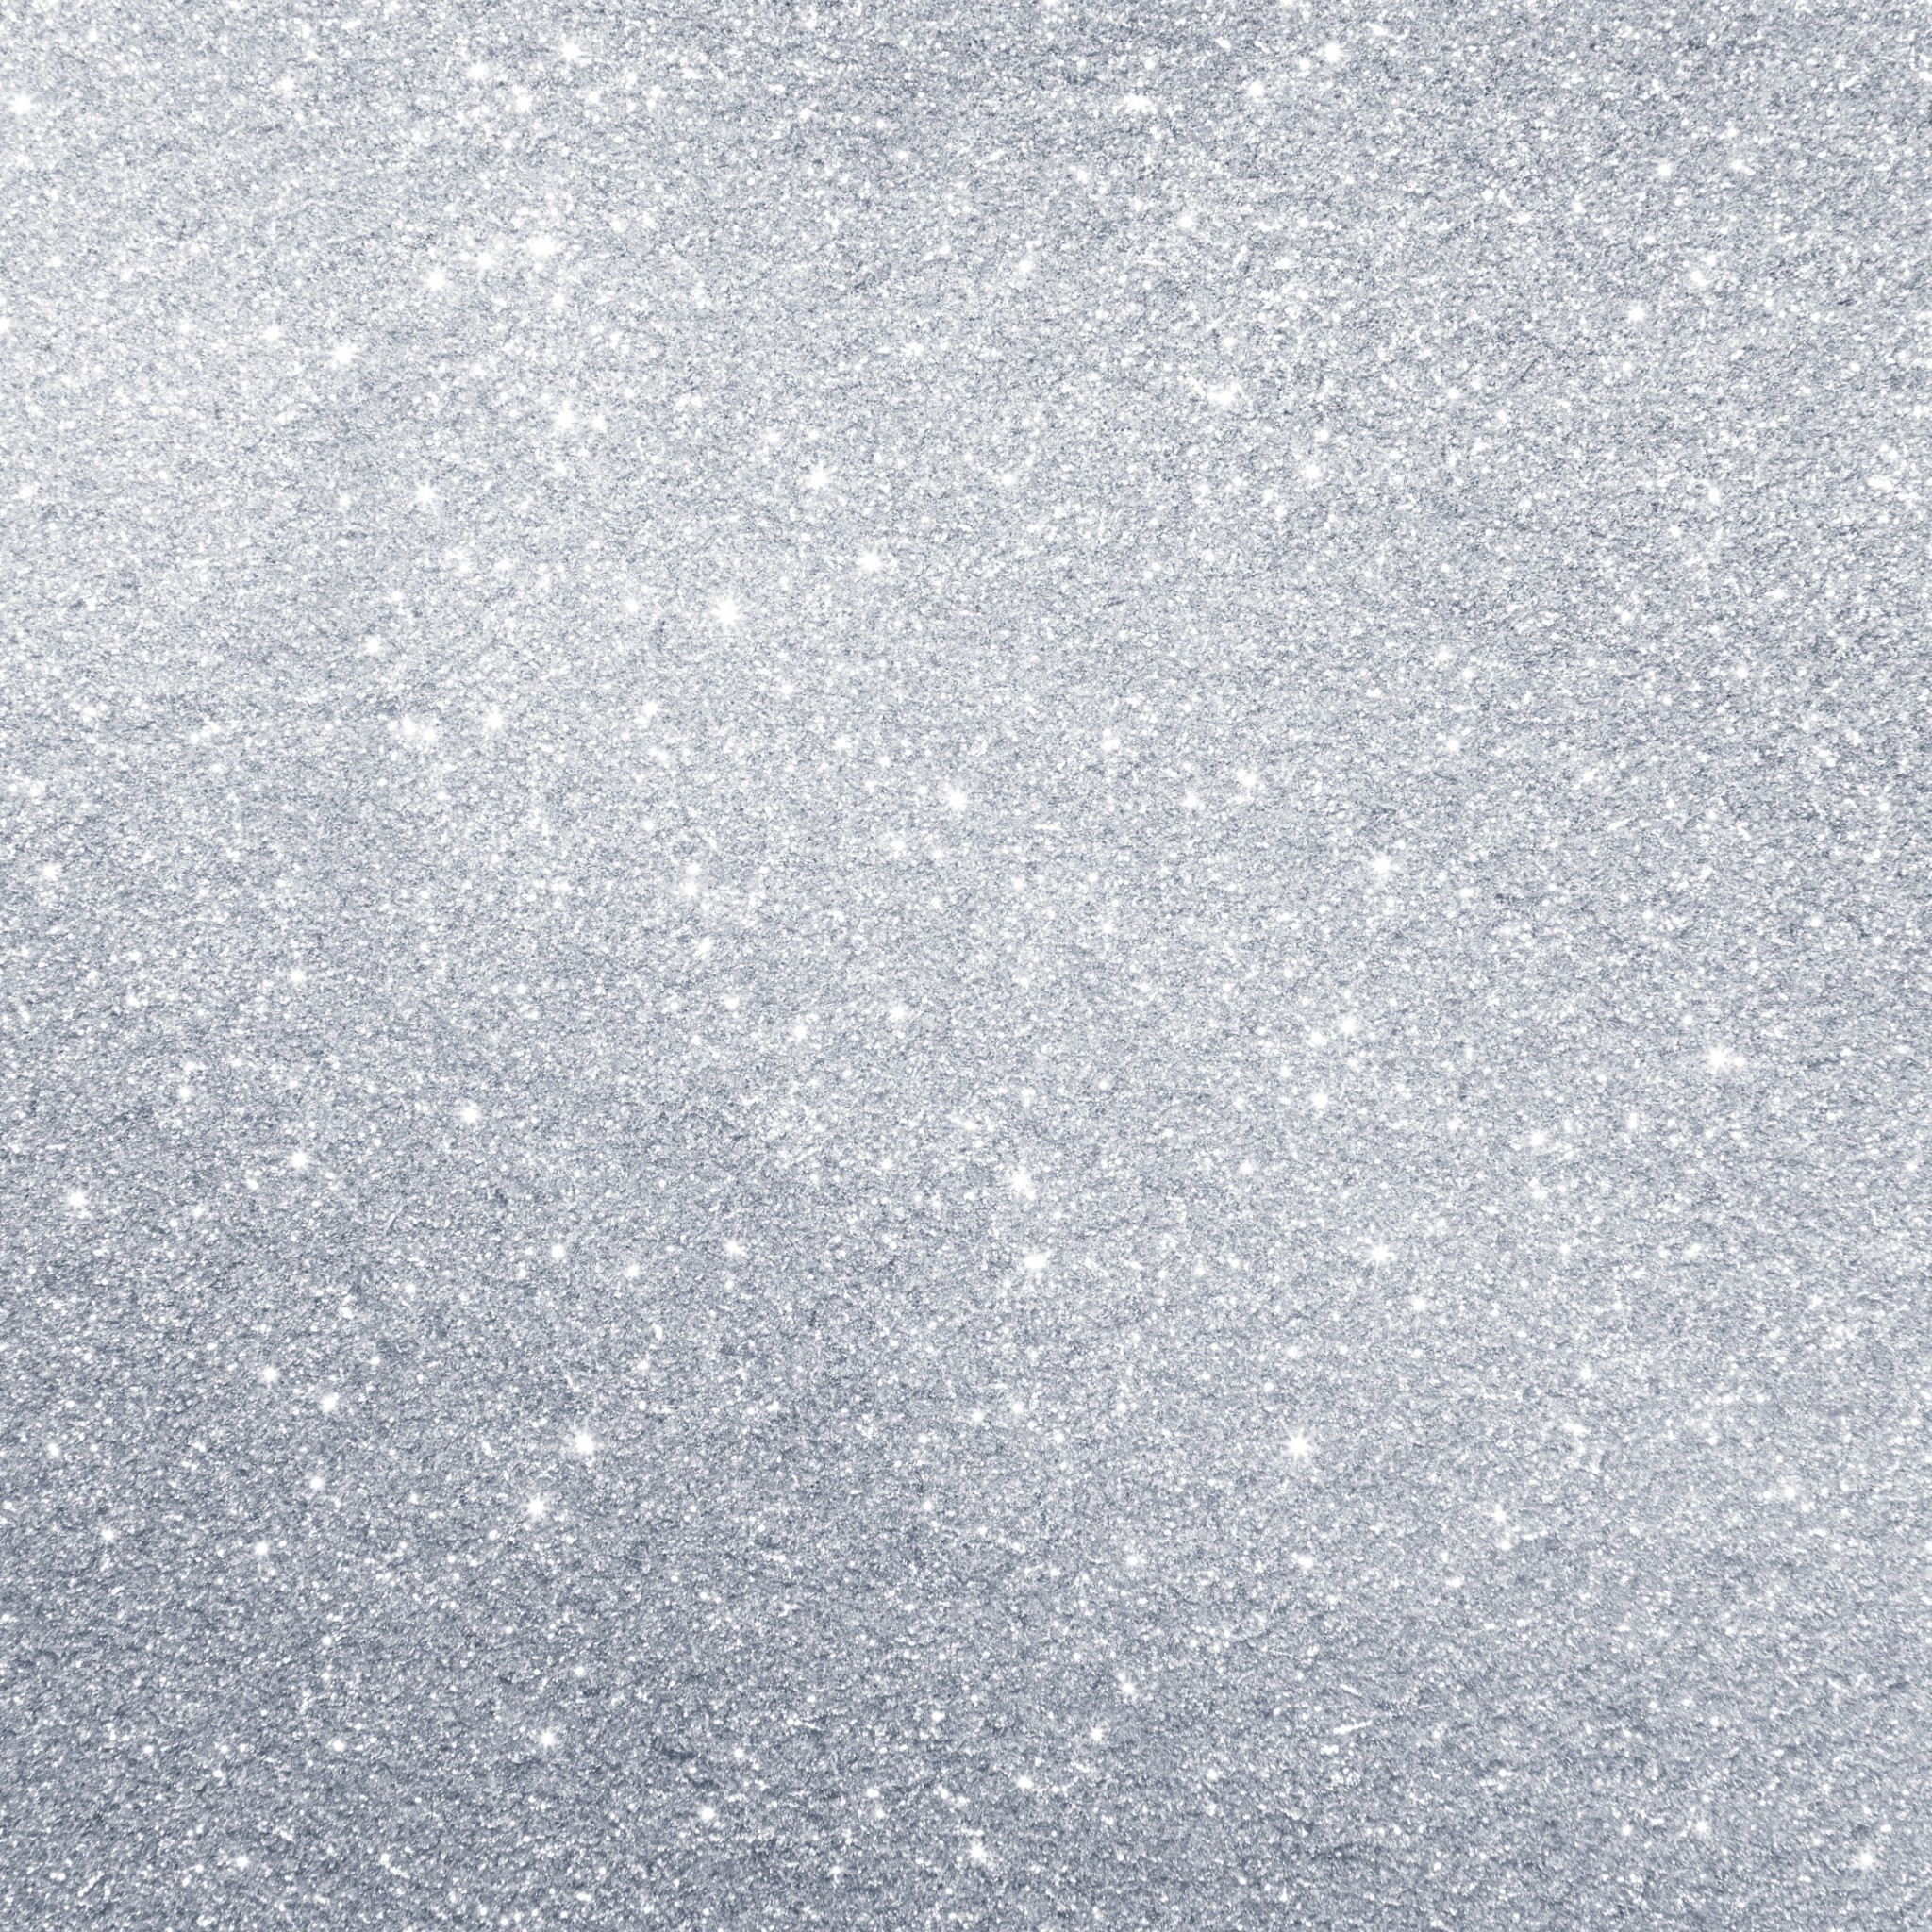 Silver Hd Wallpaper Posted By Ryan Peltier